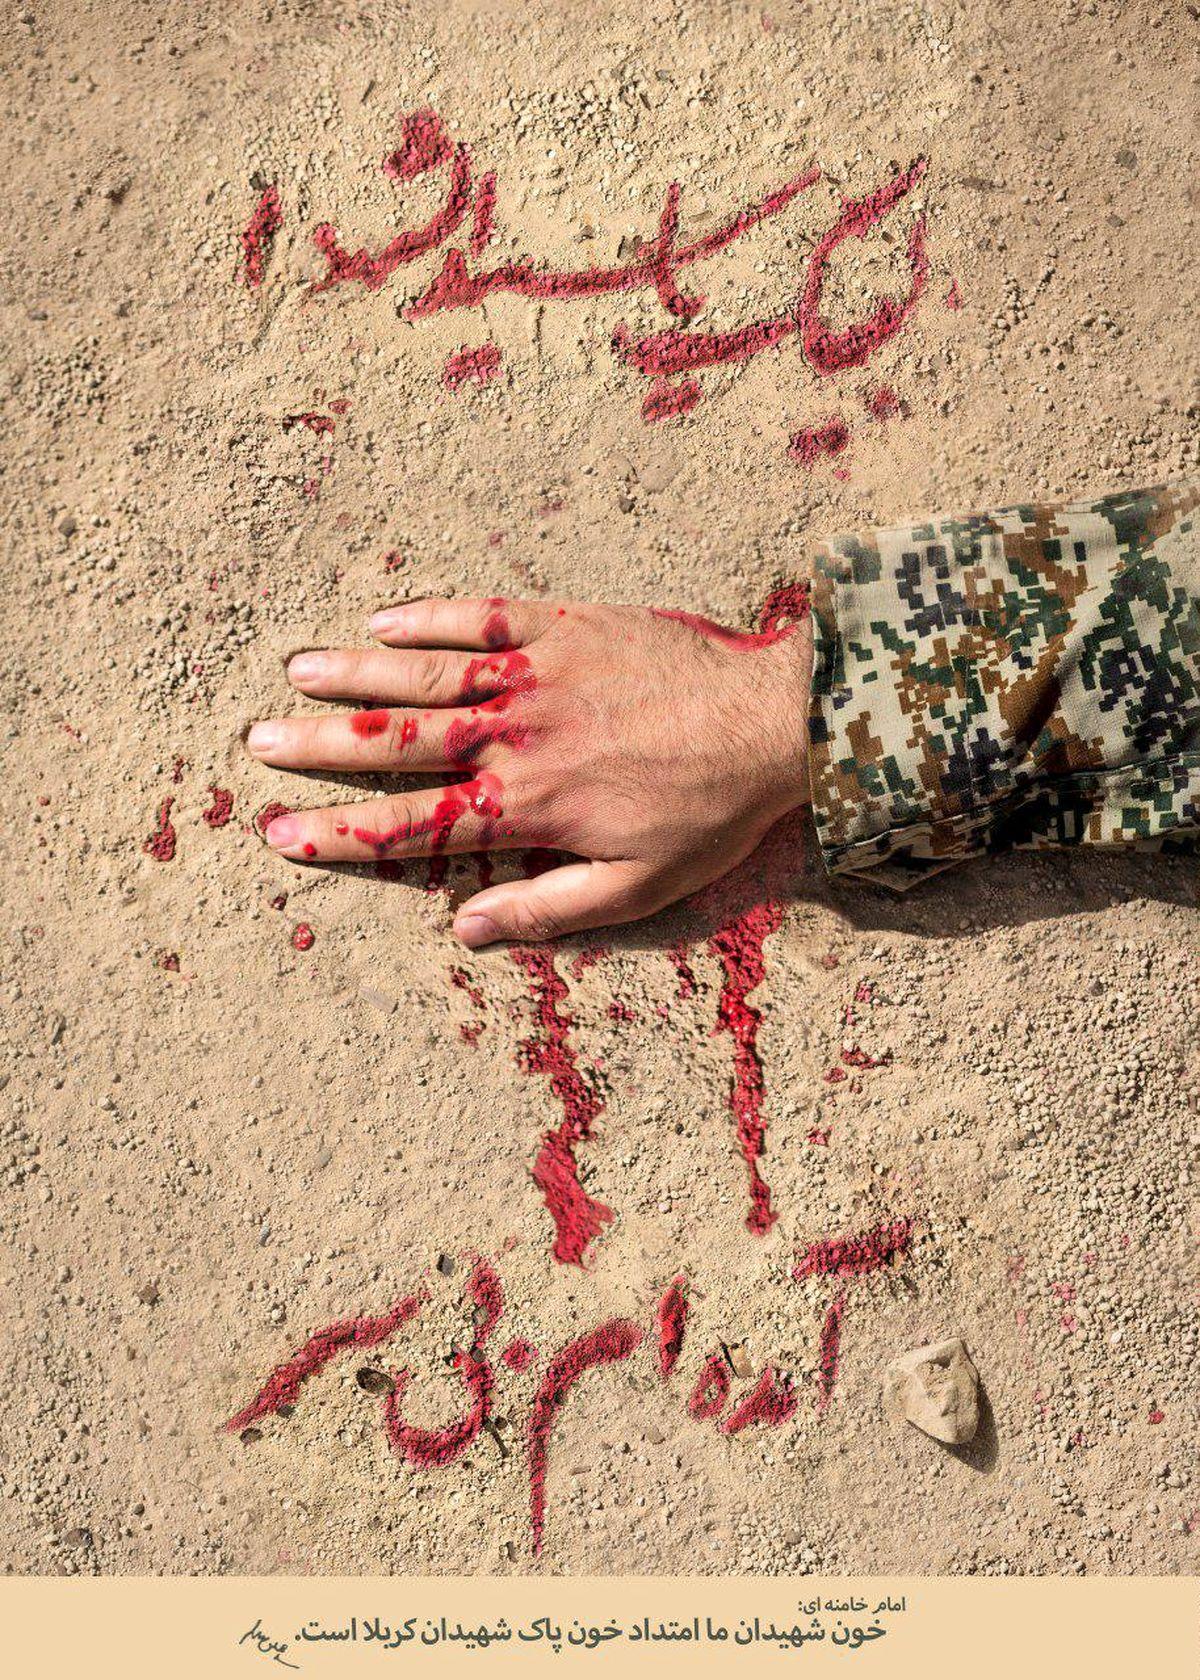 مداحی میثم مطیعی درباره شهید حججی